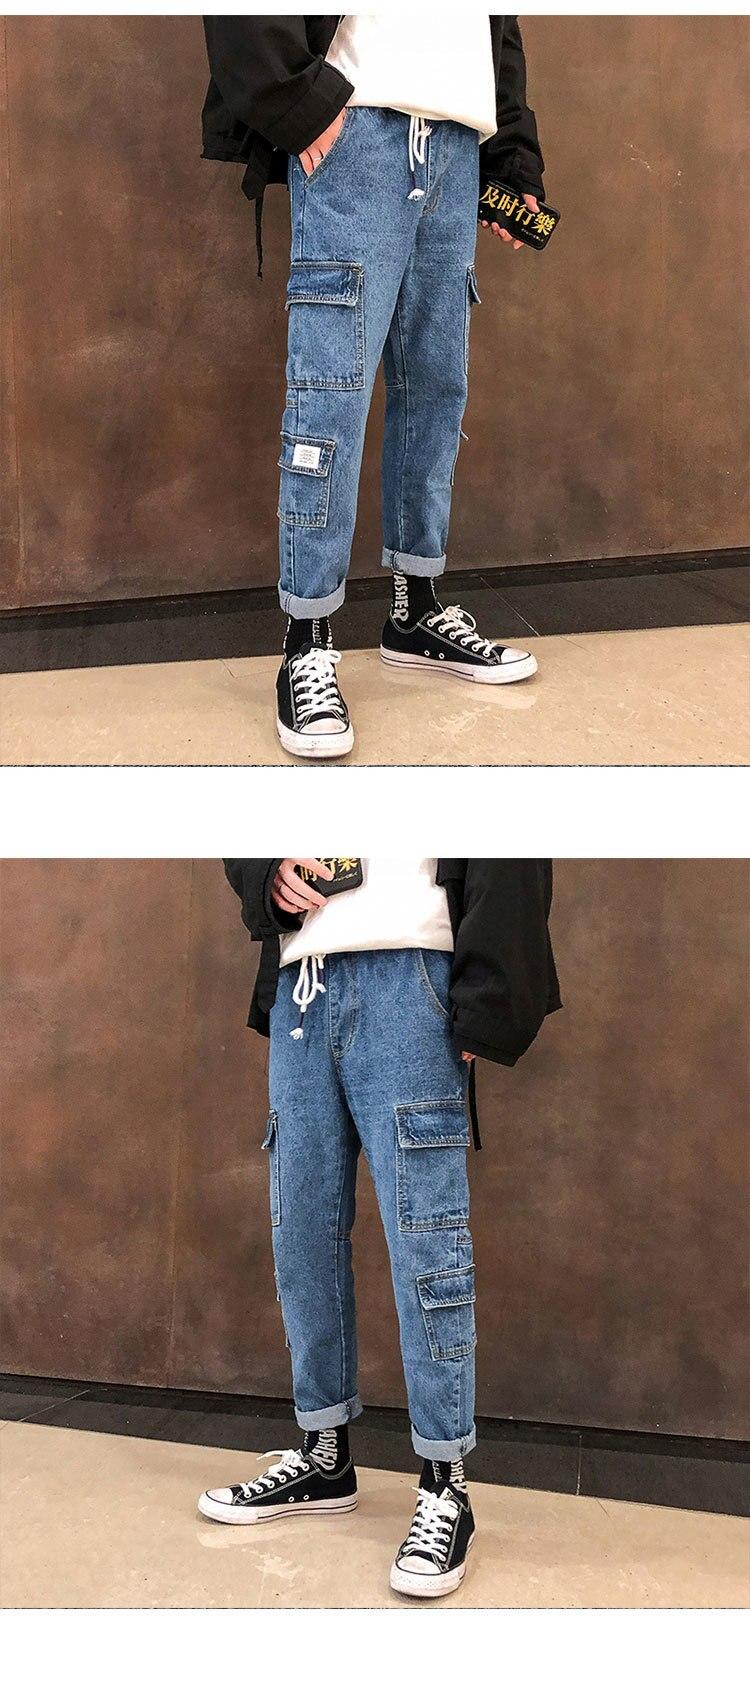 jeans preto azul cor biker denim calças